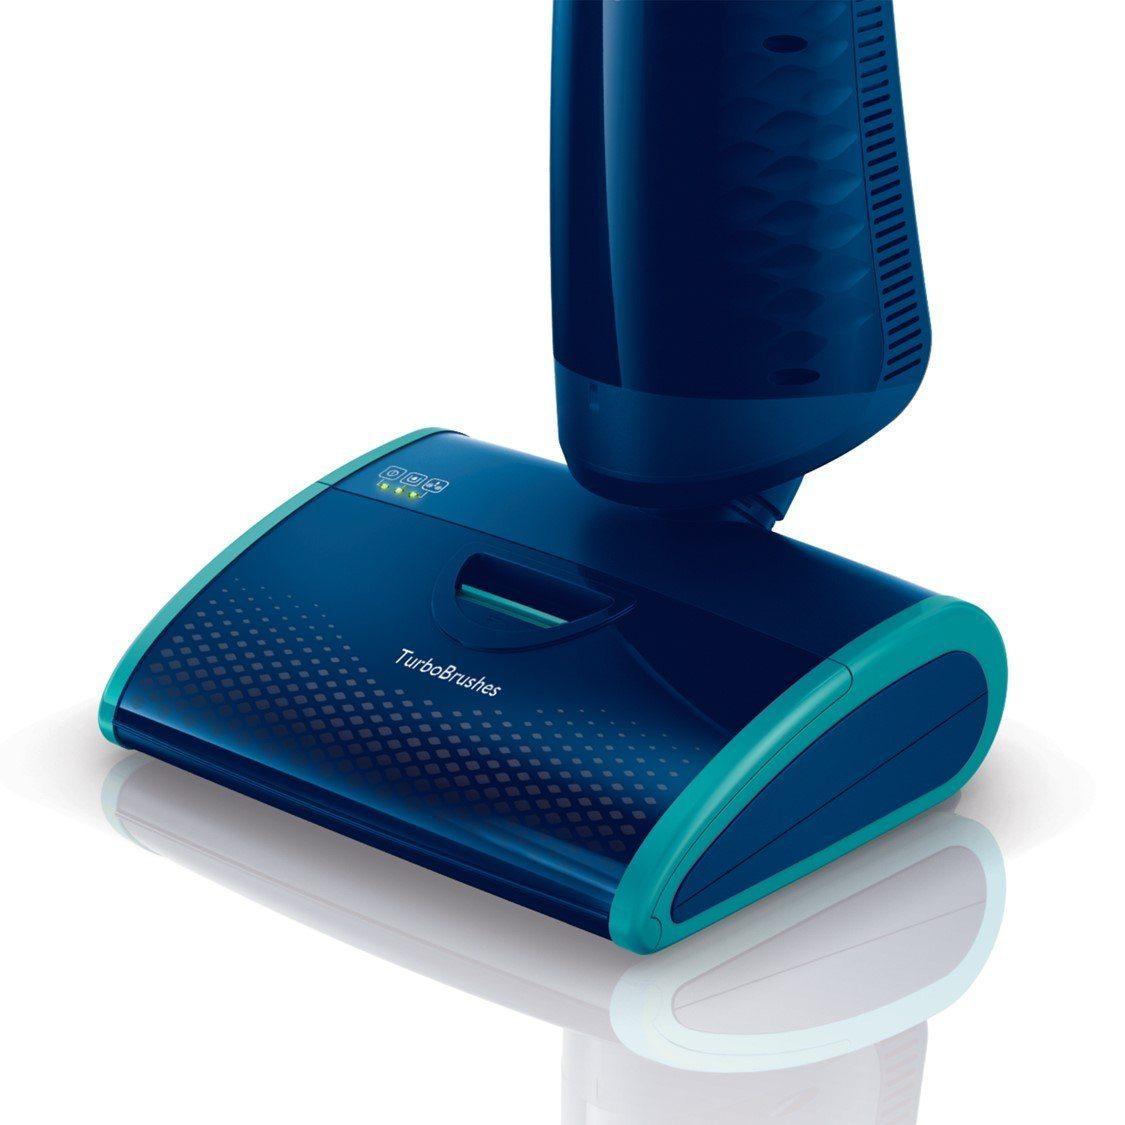 Teppich Waschsauger Test Polster Reiniger Simple Das Bild Wird